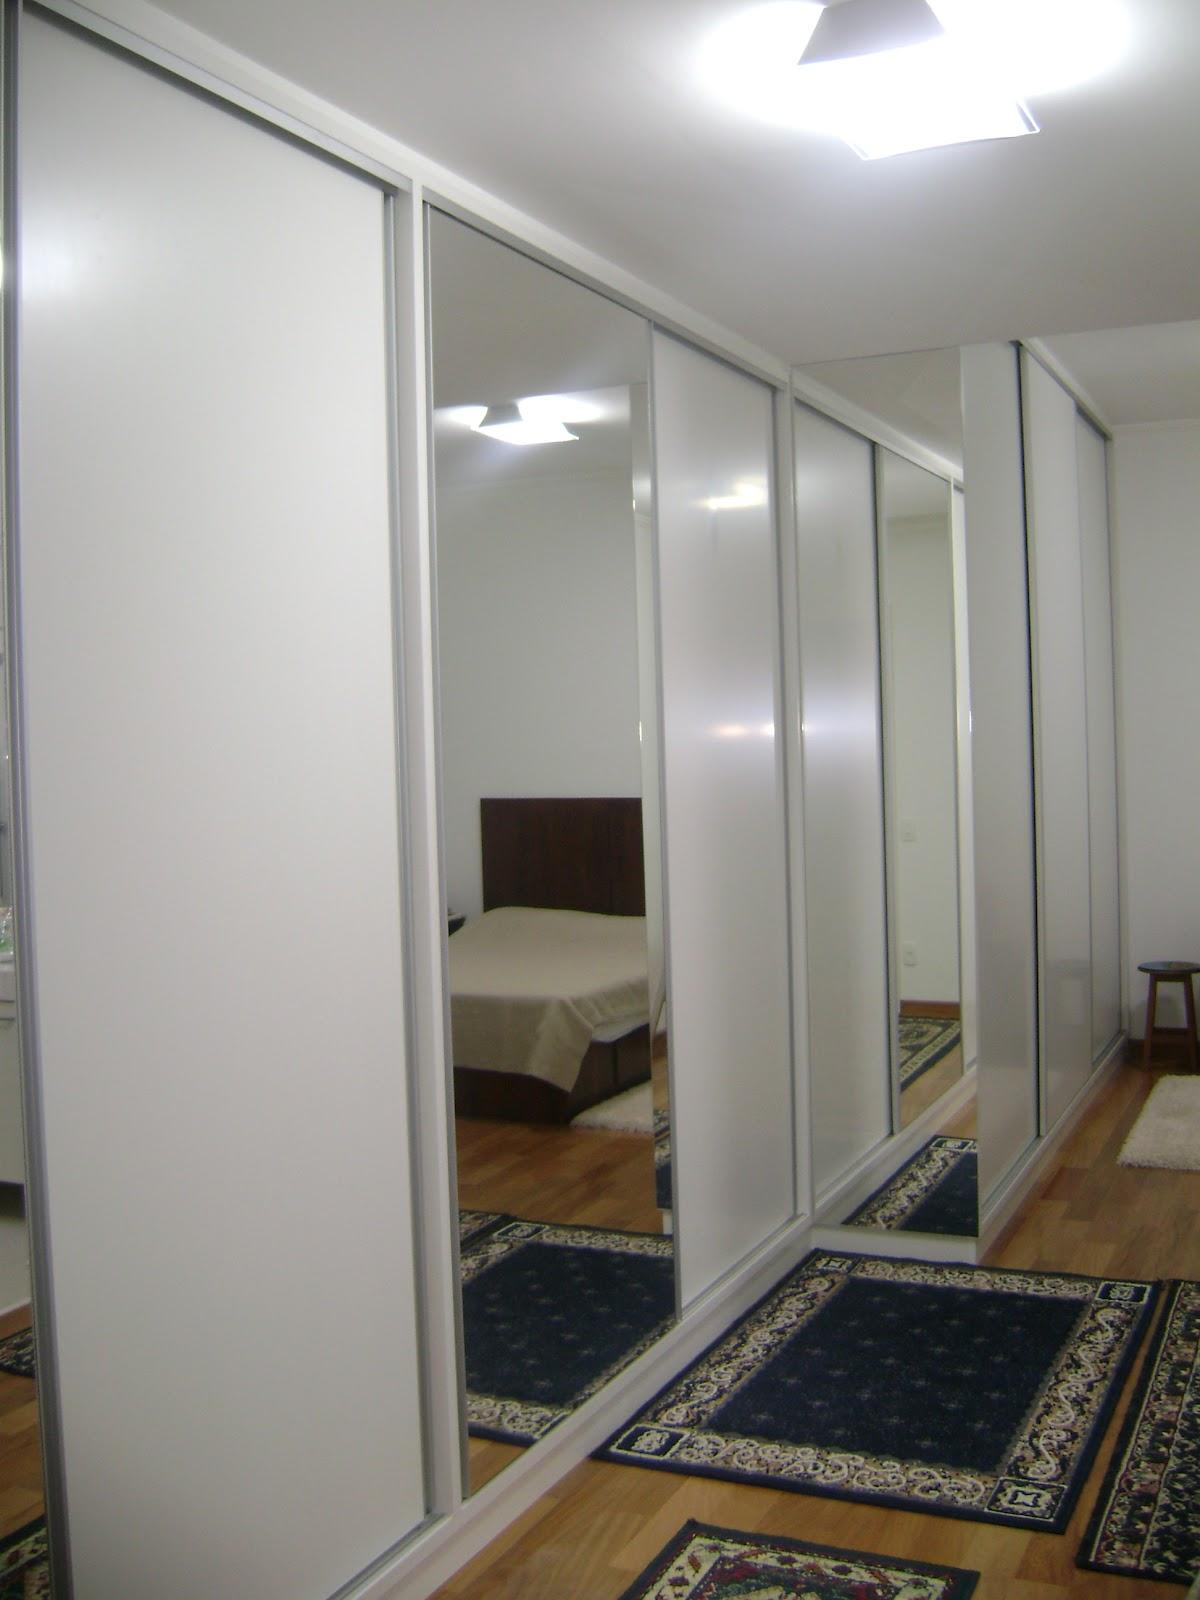 decoracao de interiores moveis planejados:É a arte de planejar e arranjar ambientes de acordo com padrões de